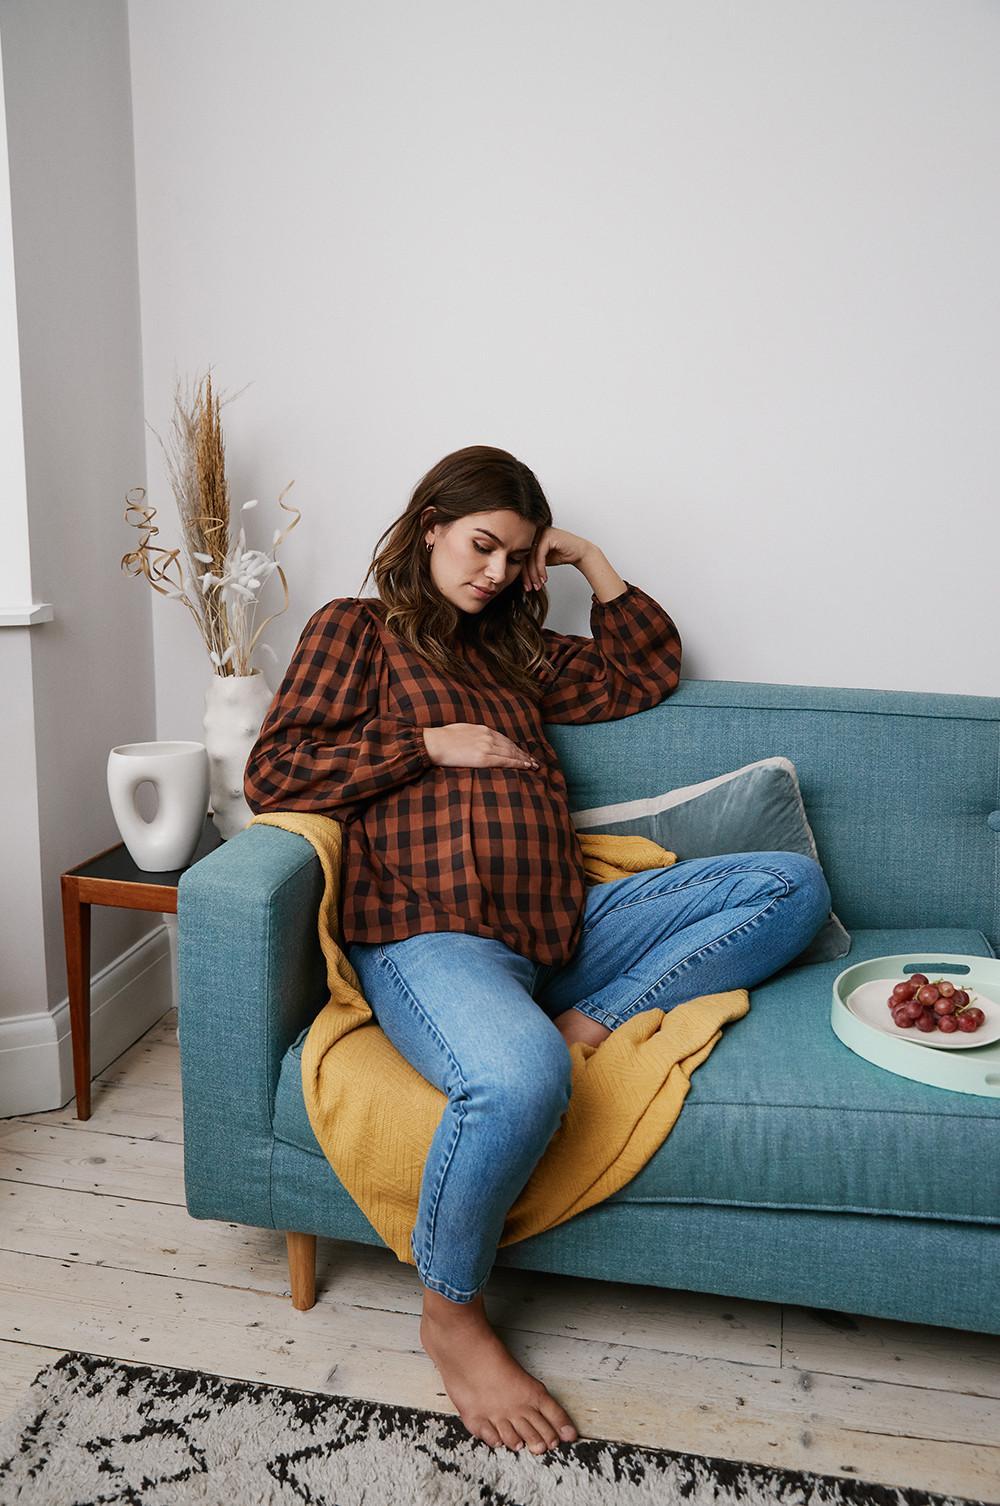 modelo no sofá com top e calças de ganga a olhar para a barriga